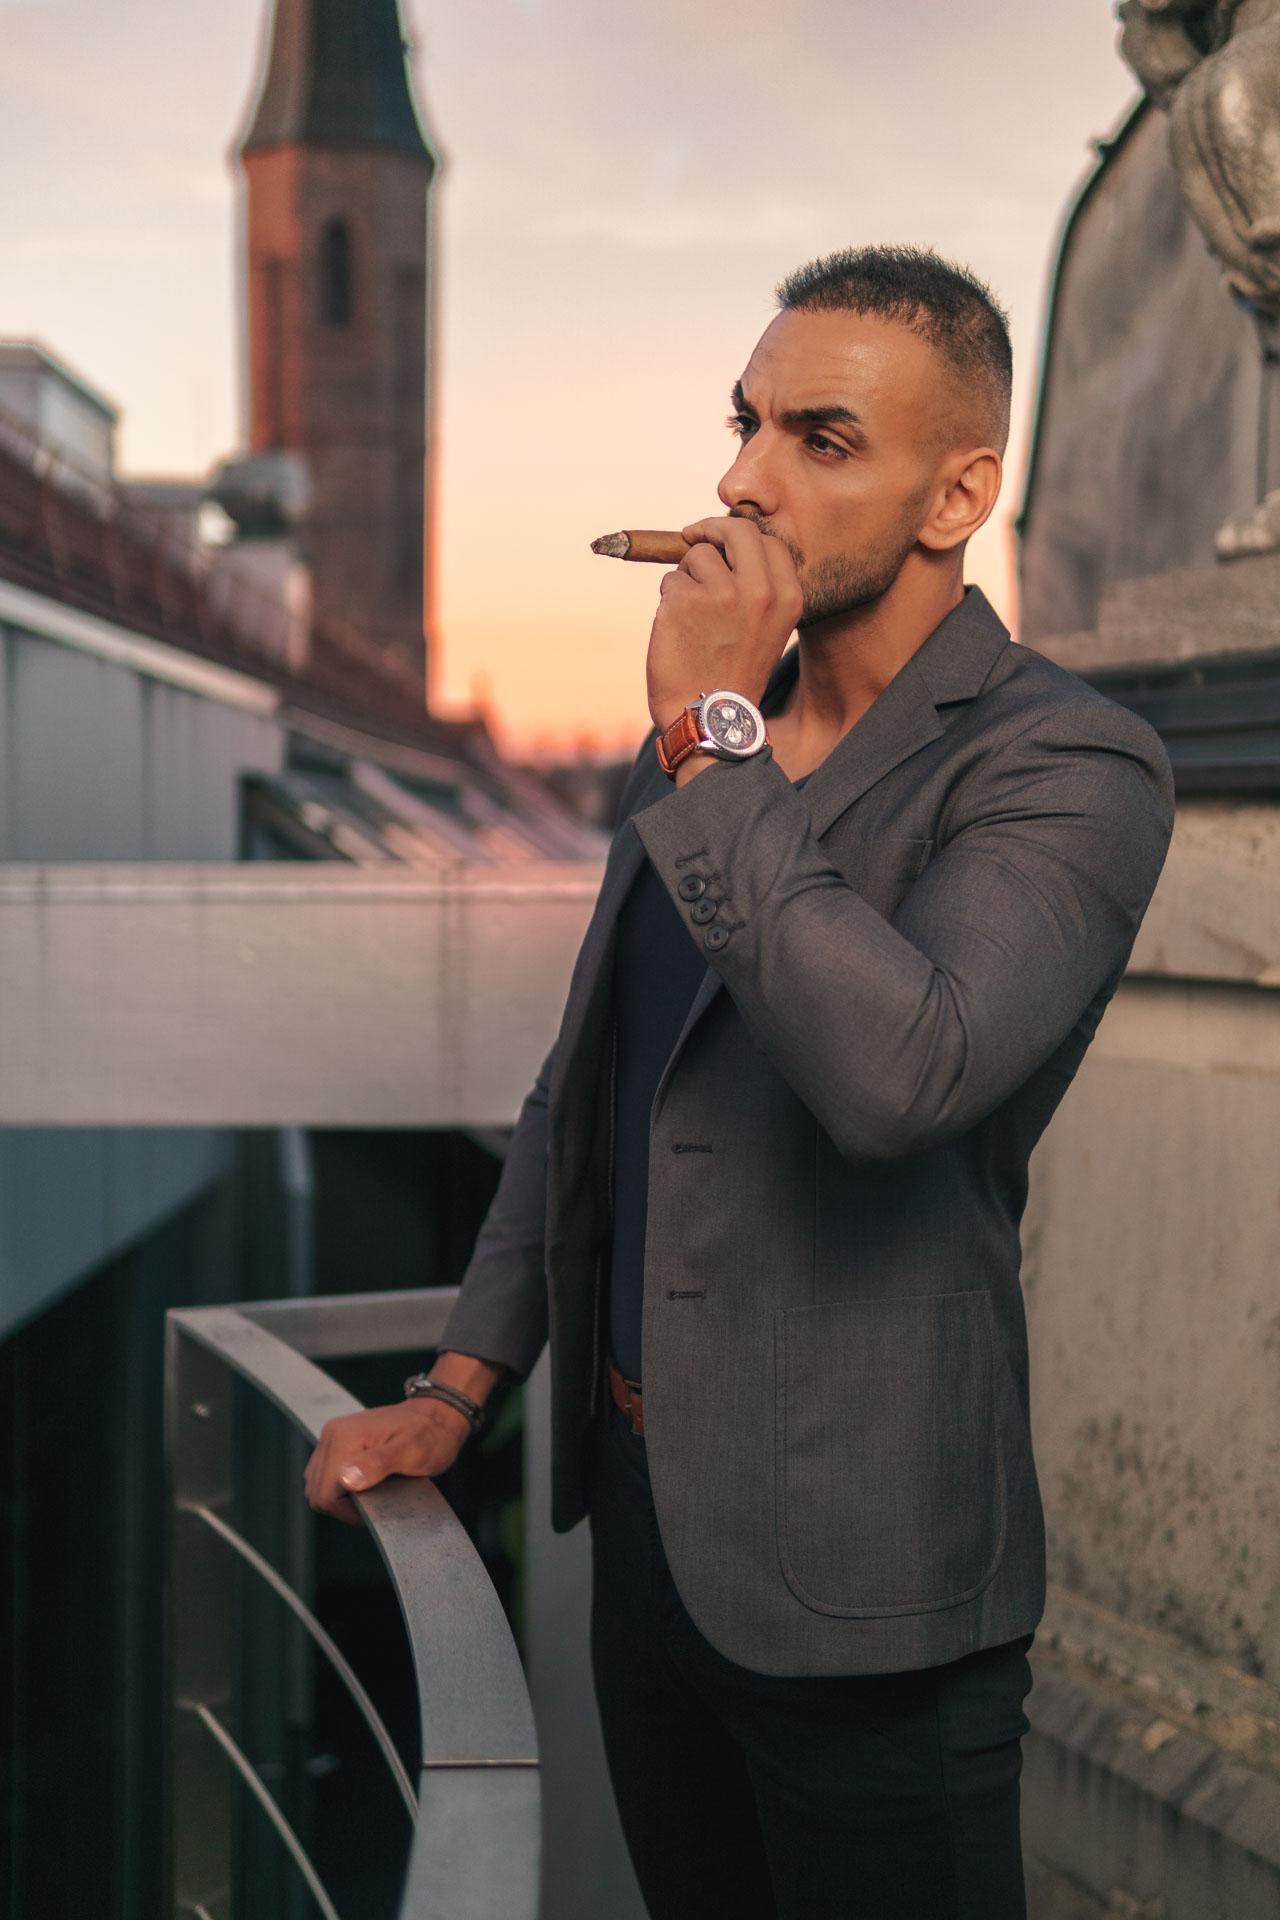 Enis an Zigarre ziehend